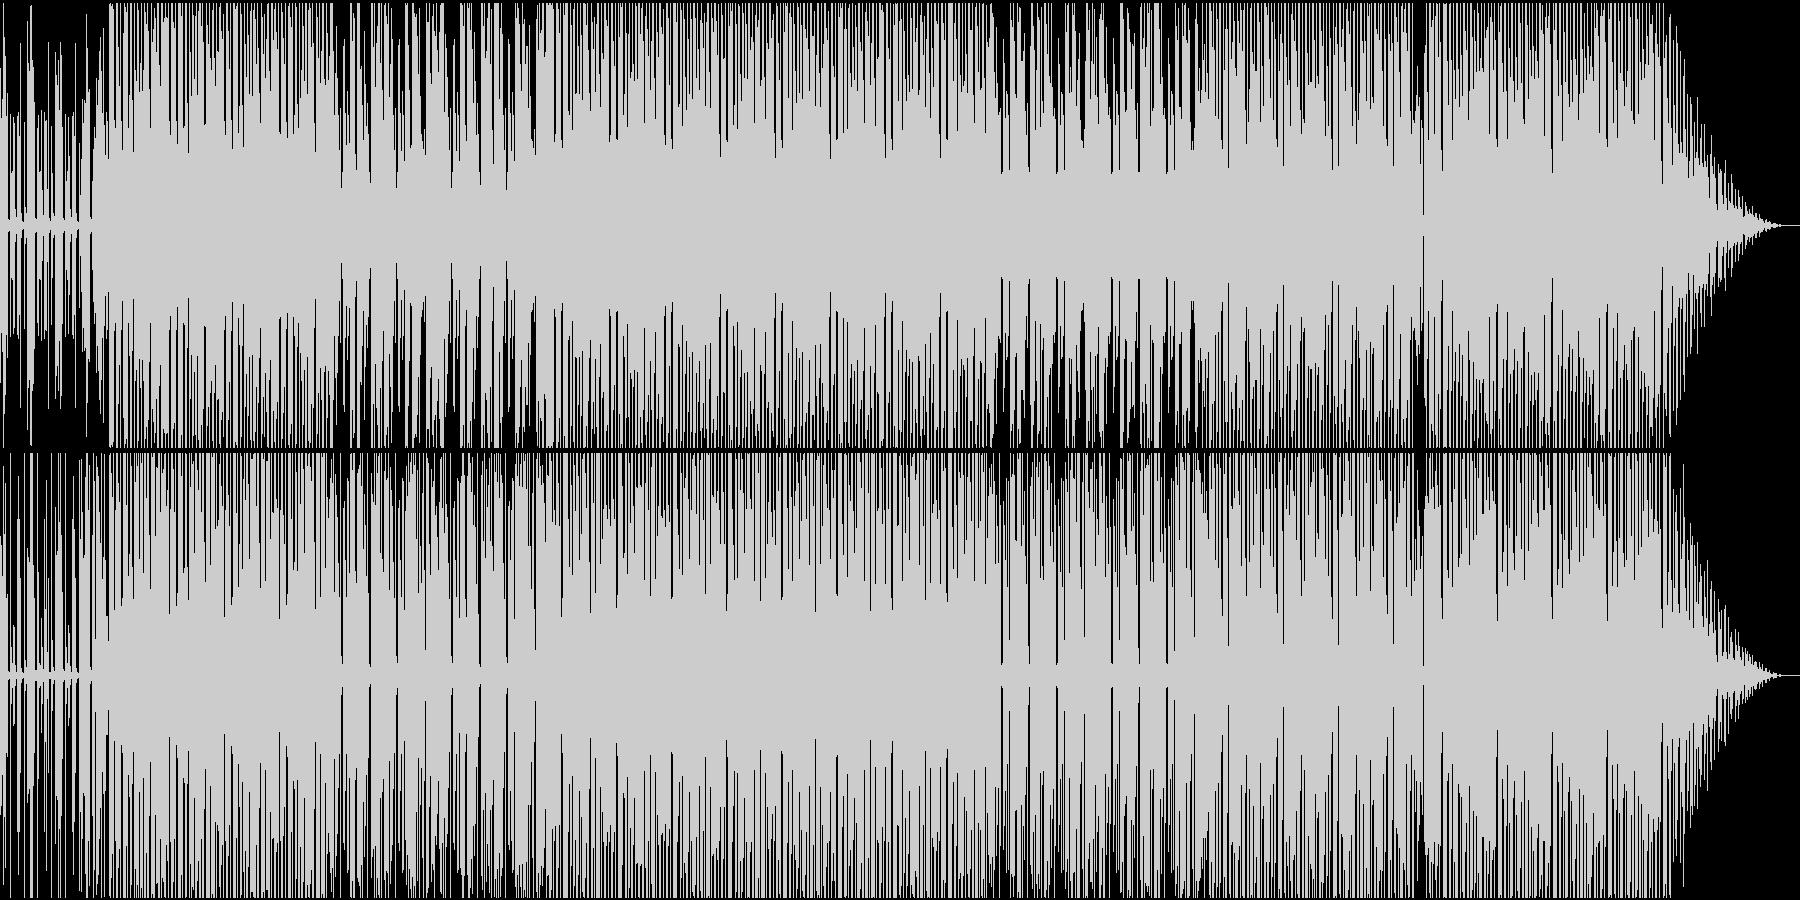 賑やかではないディスコハウスの未再生の波形